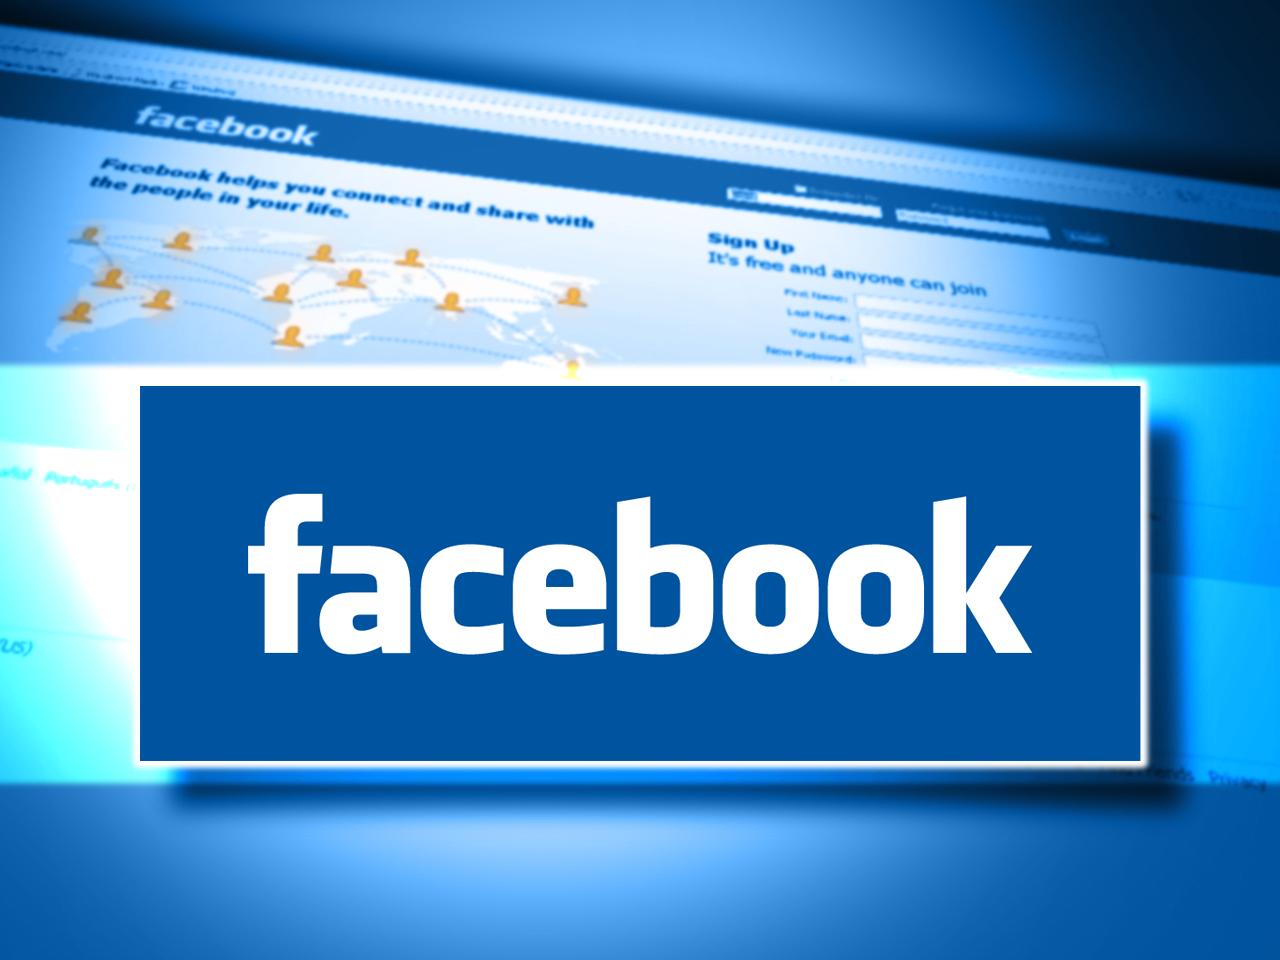 فیس بوک باز هم دست به یک خرید بزرگ زد / این بار تشخیص صحبت wit.ai